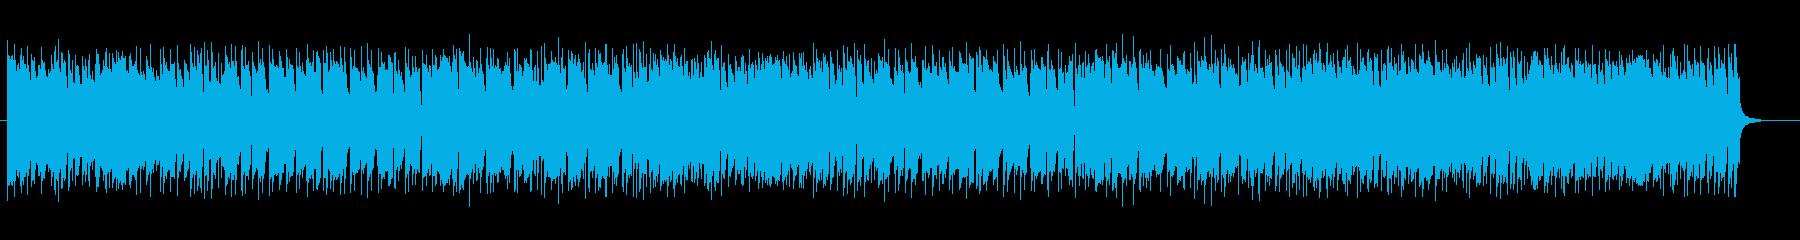 リズミカルなピアノのメロディのポップスの再生済みの波形